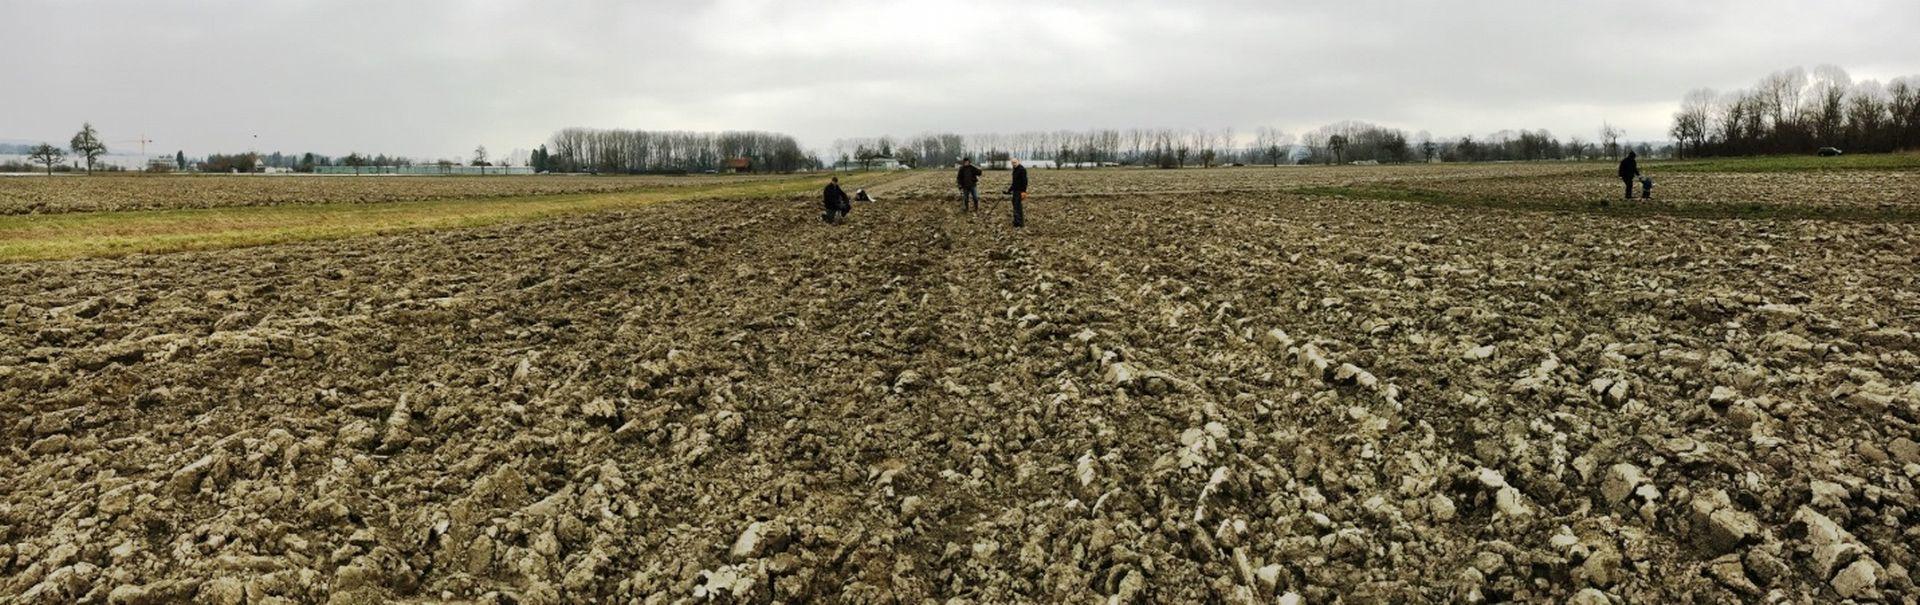 Die glücklichen Finder auf einem Feld in Tägerwilen. Photo credits: © 2018 Amt für Archäologie des Kantons Thurgau (Foto: Urs Leuzinger).